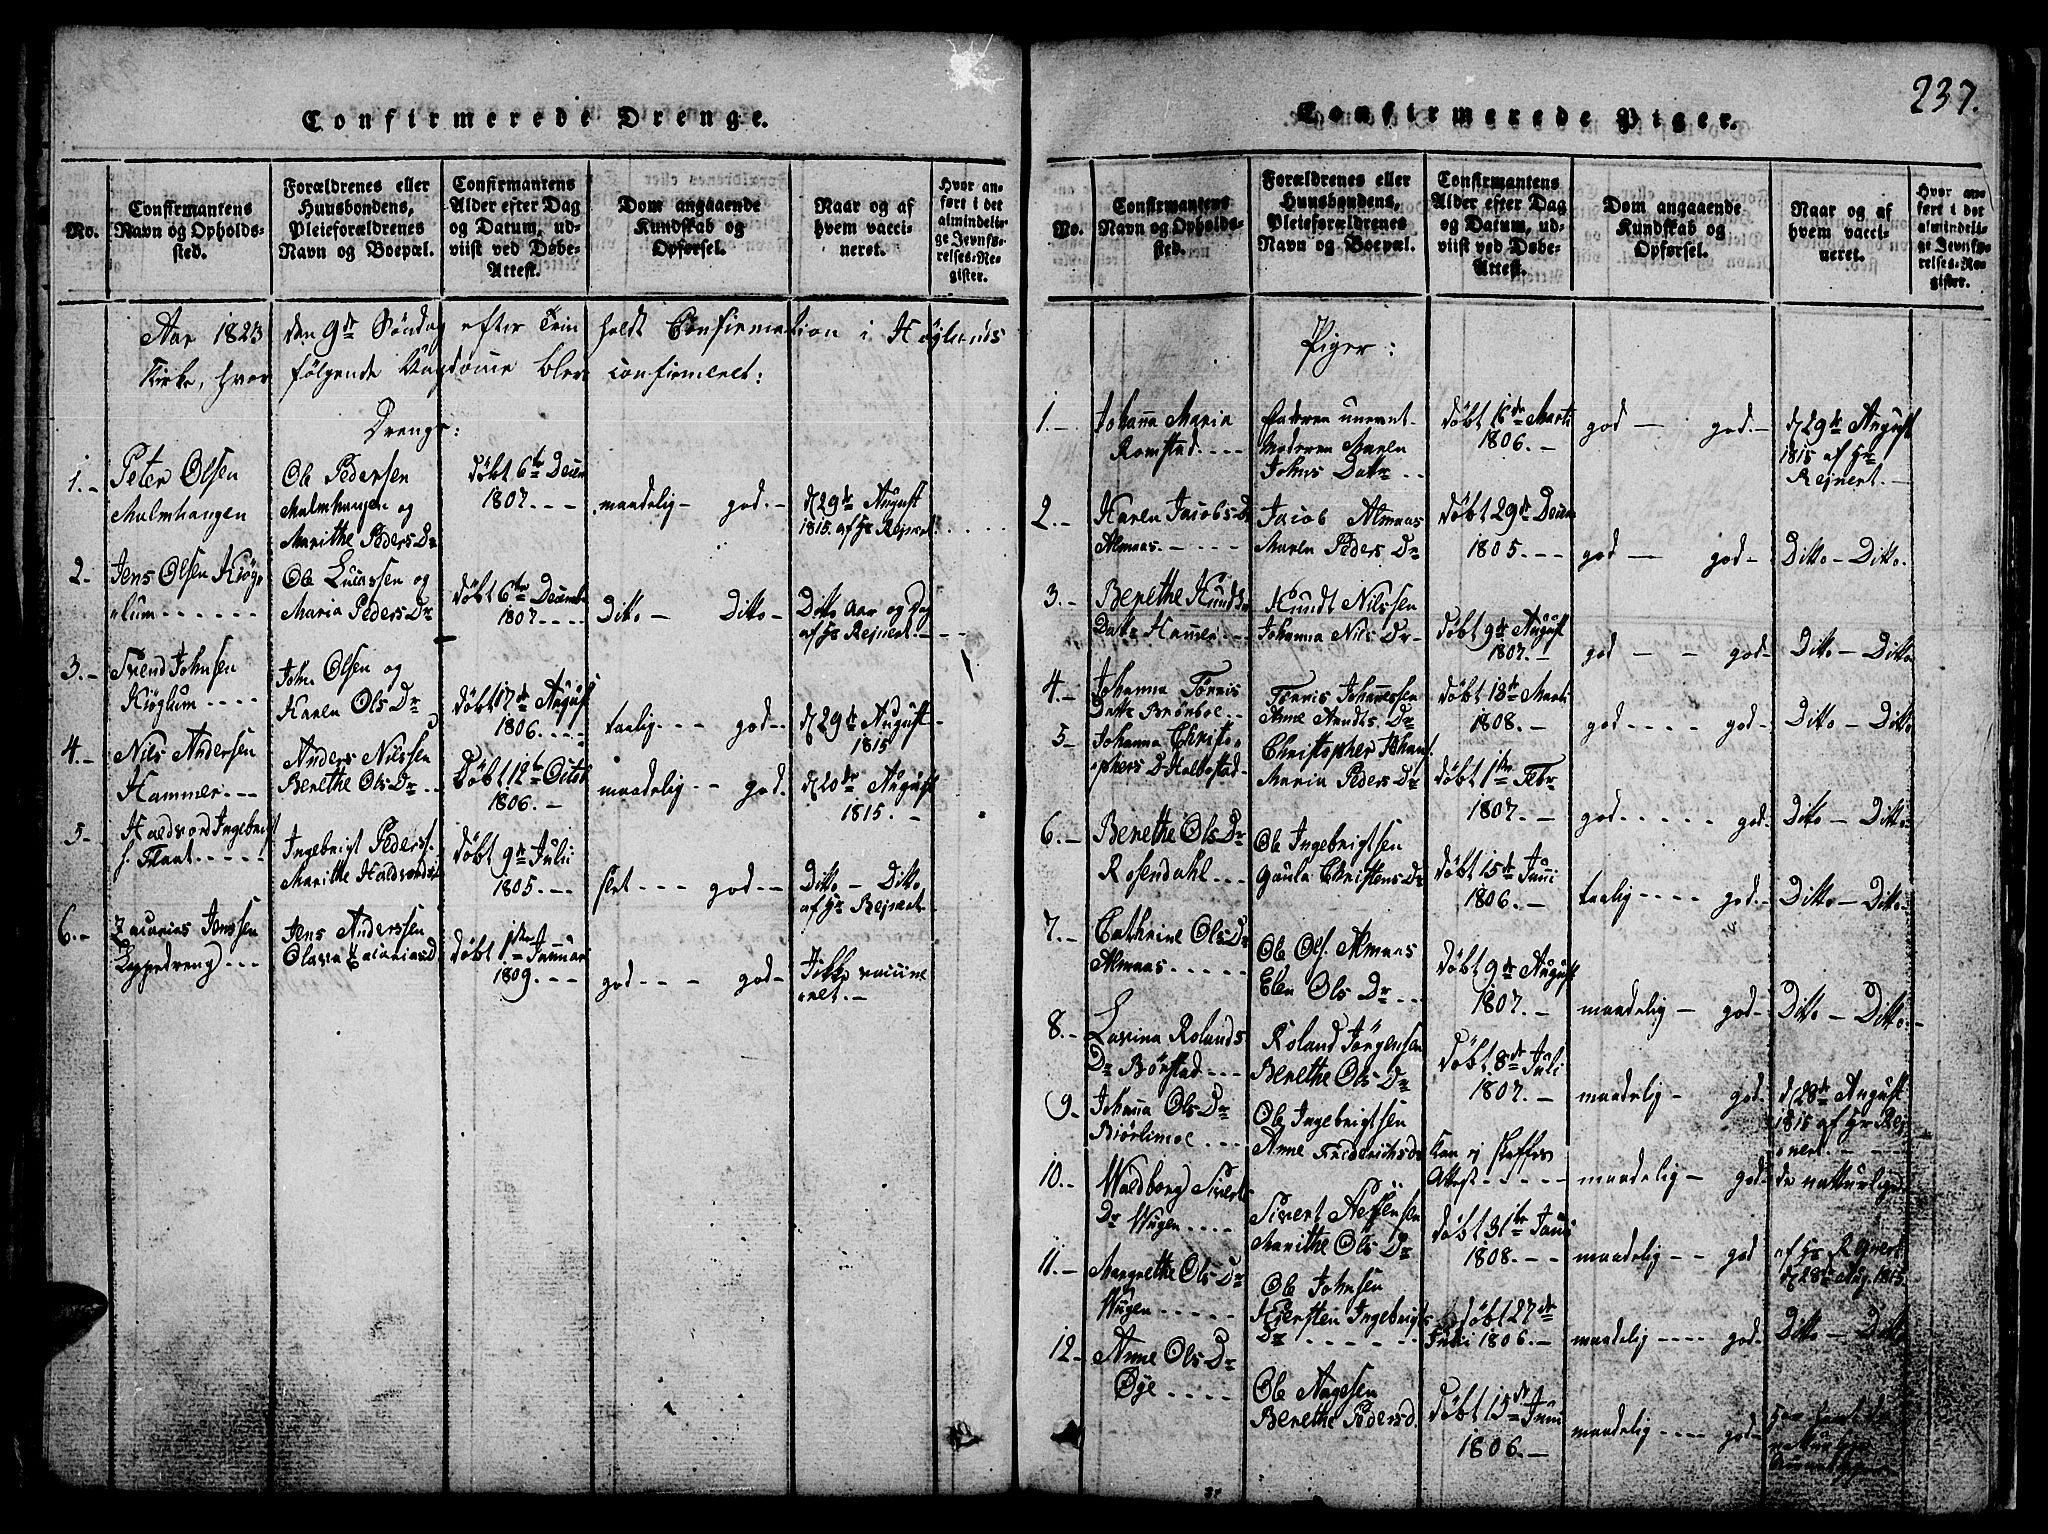 SAT, Ministerialprotokoller, klokkerbøker og fødselsregistre - Nord-Trøndelag, 765/L0562: Klokkerbok nr. 765C01, 1817-1851, s. 237